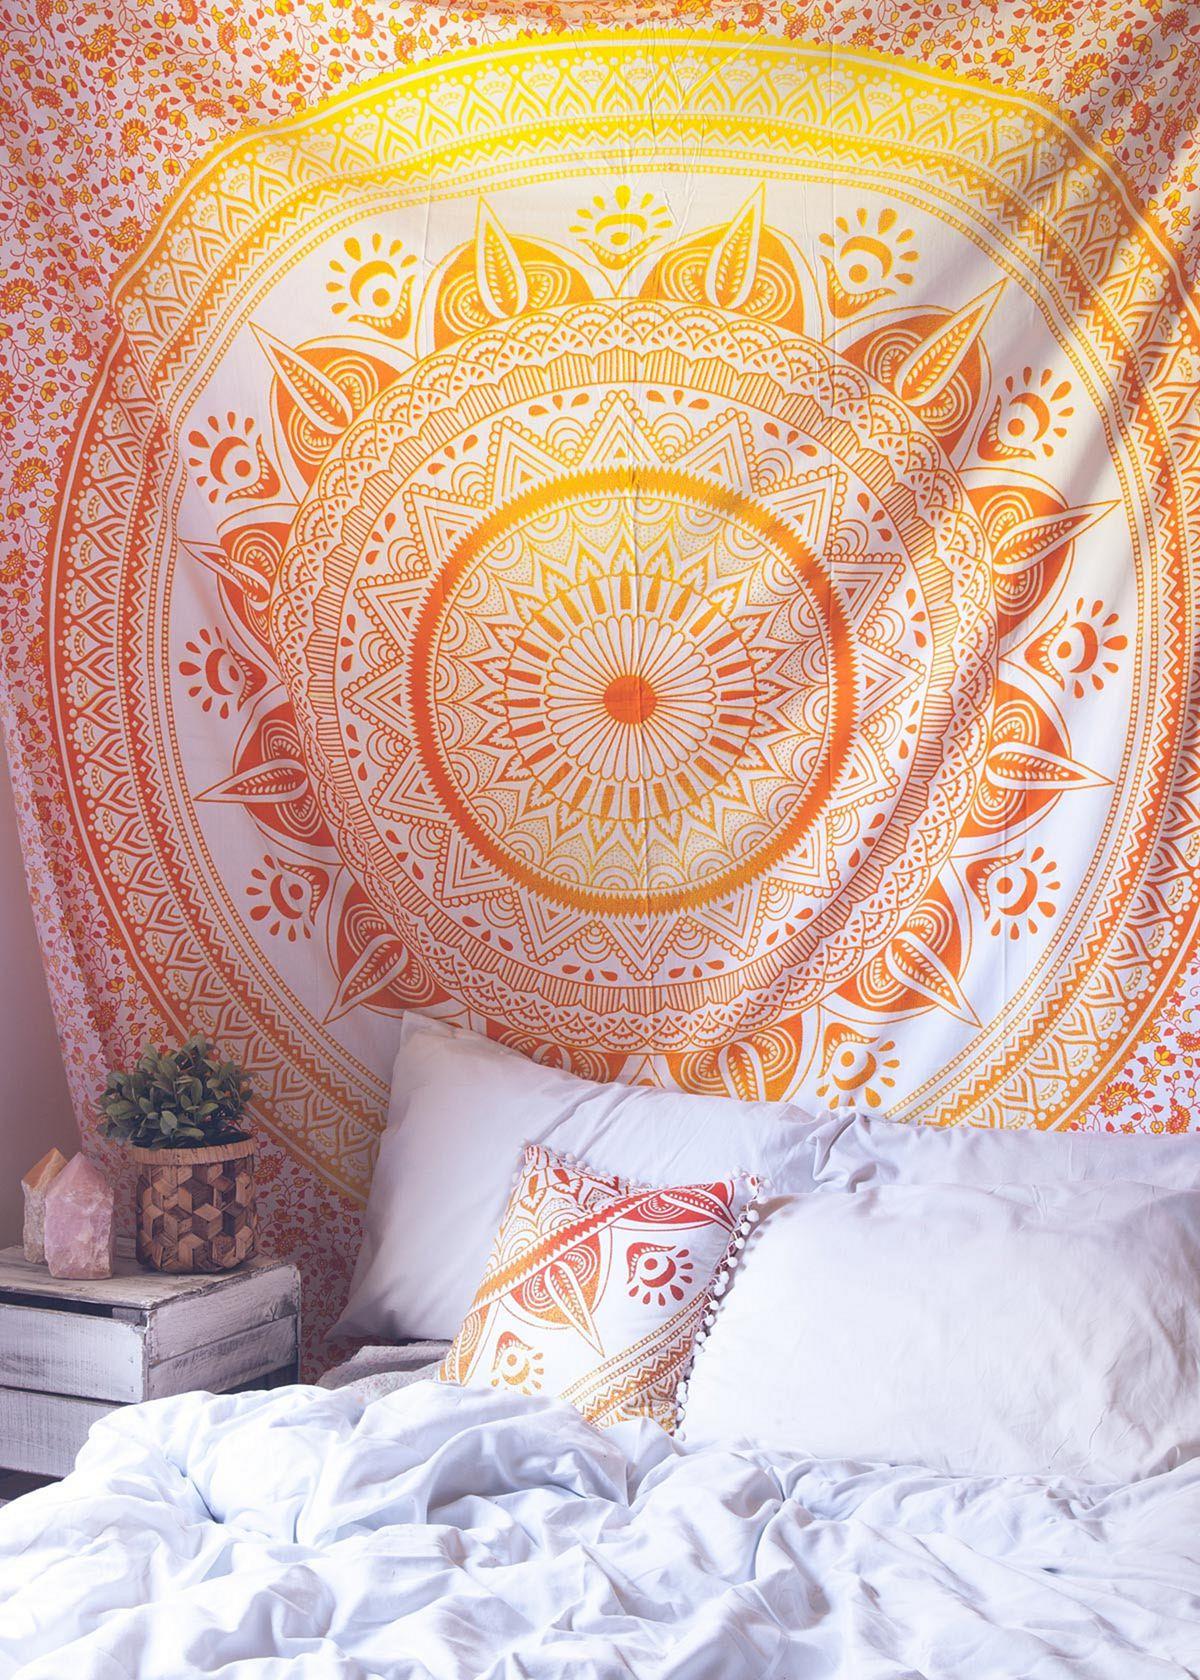 Yellow Aesthetic Wall Bedroom Ideas - DECOREDO